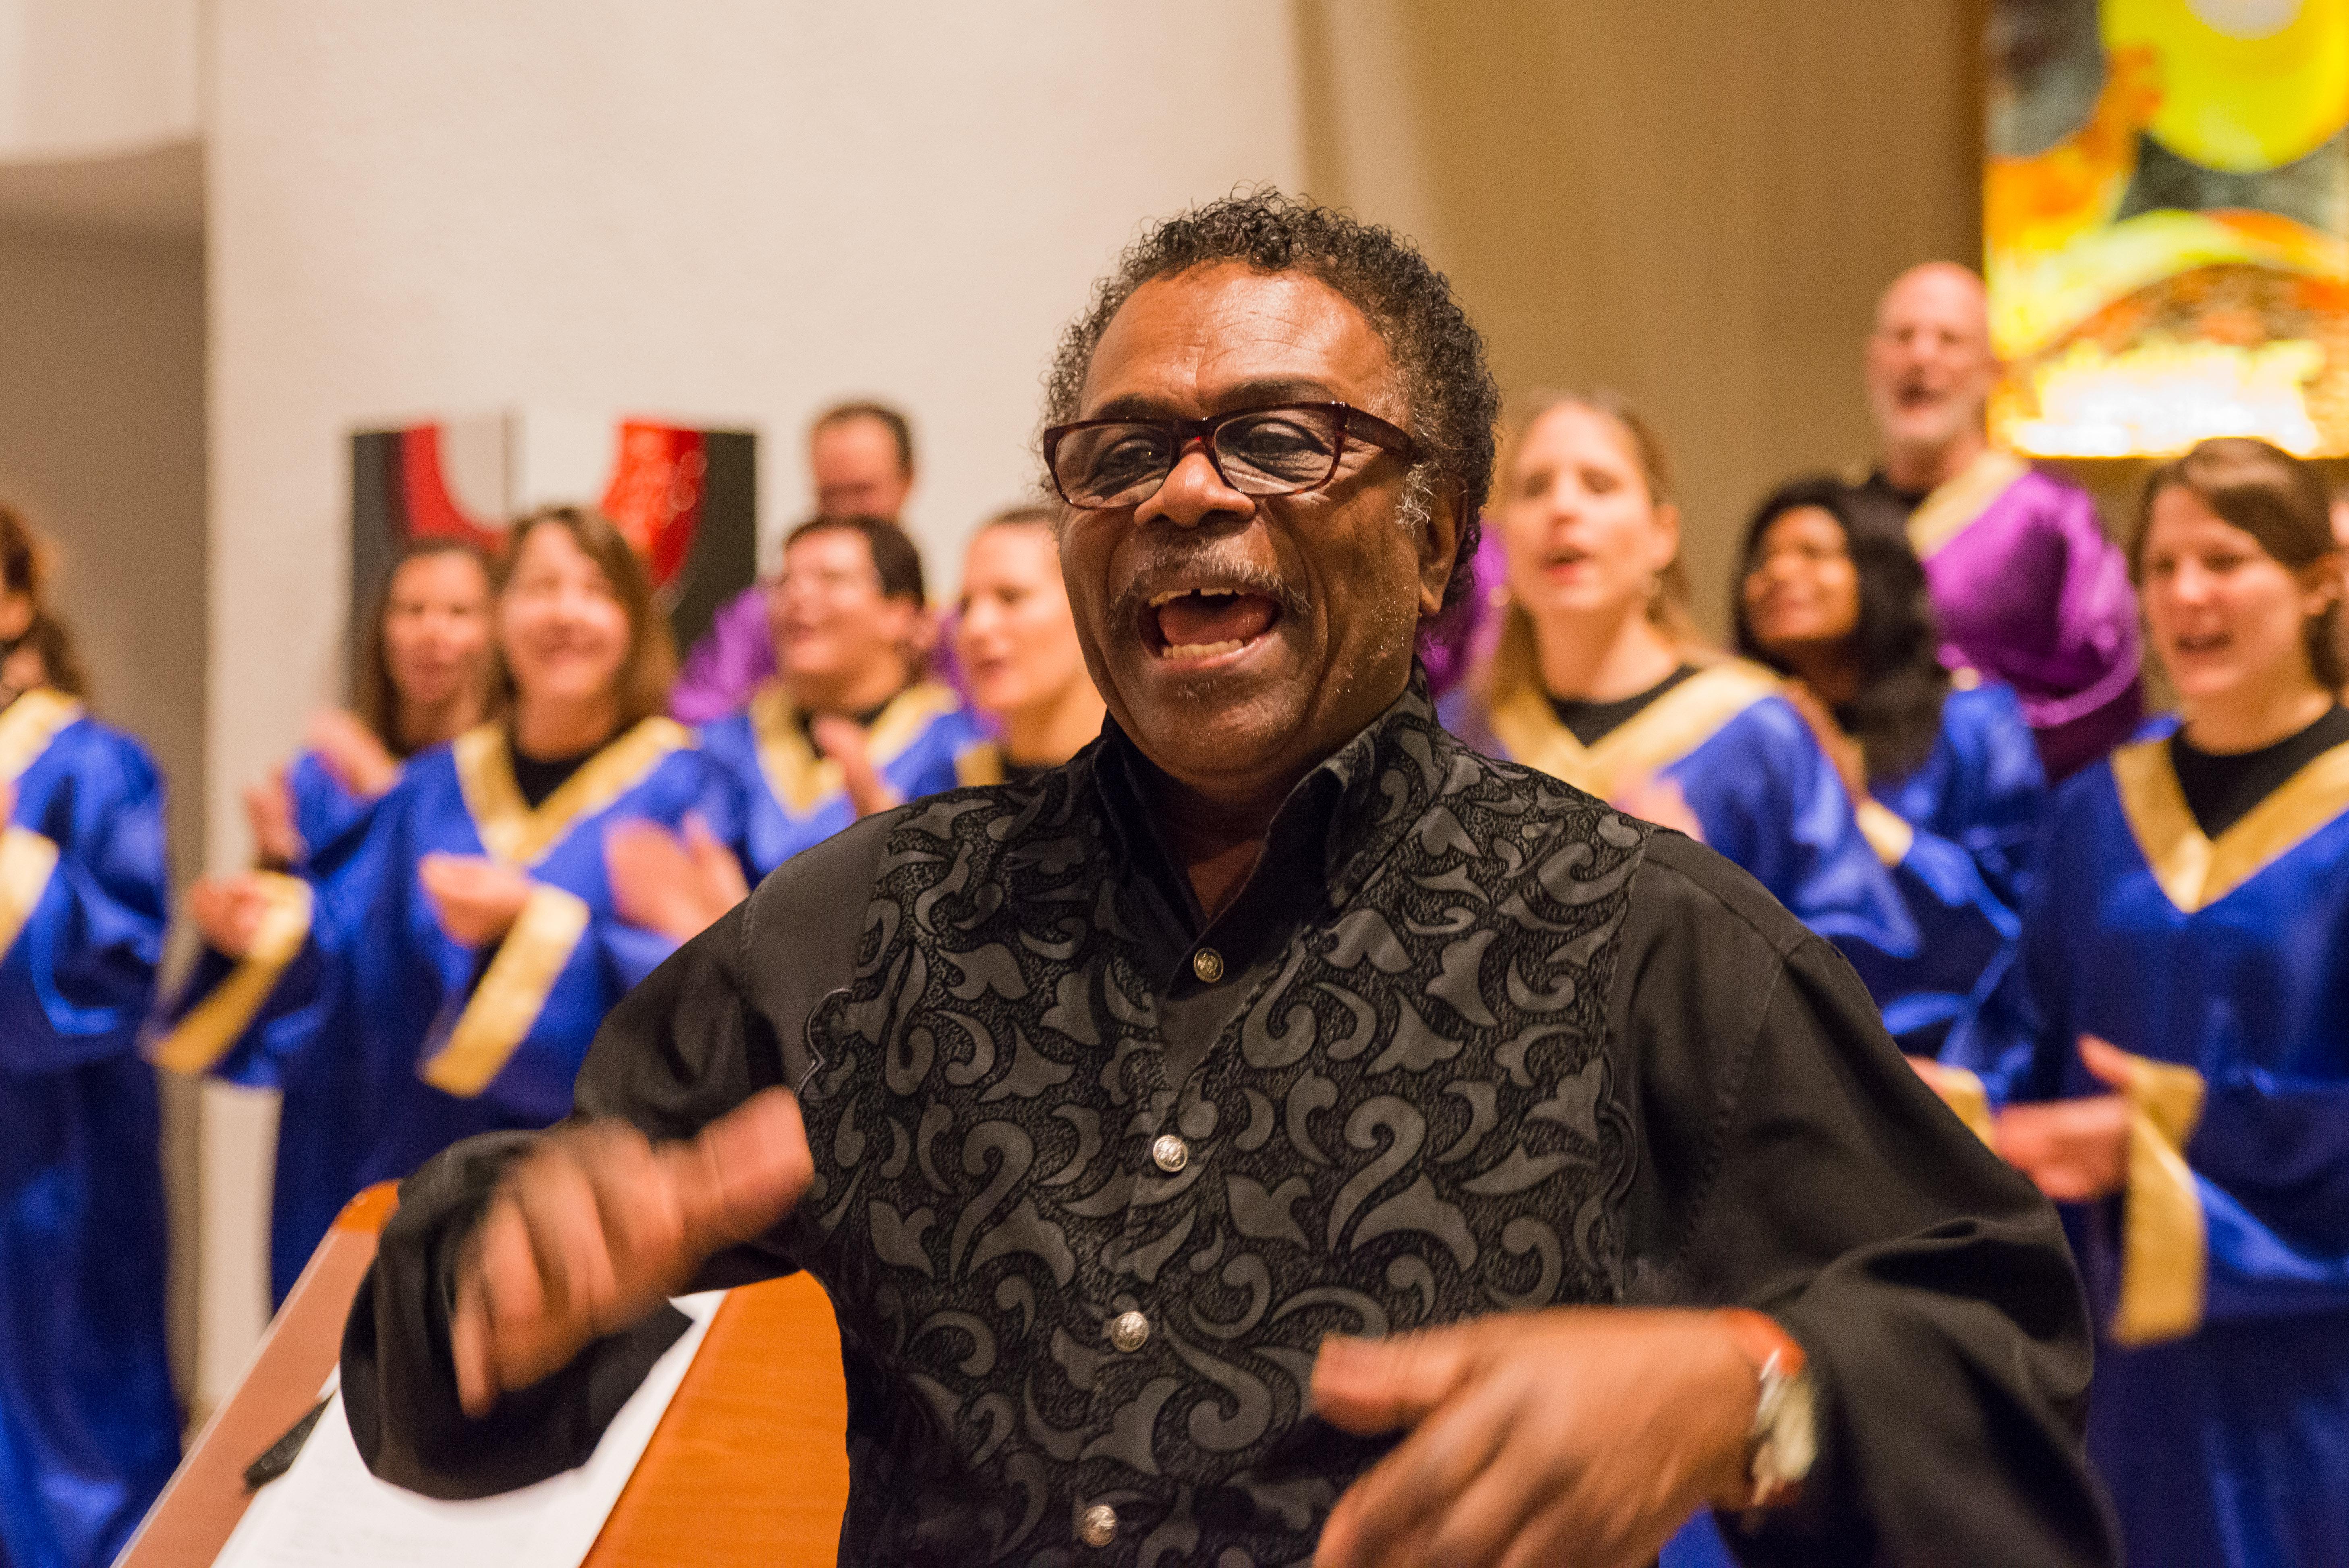 Konzert Hinwil 2016